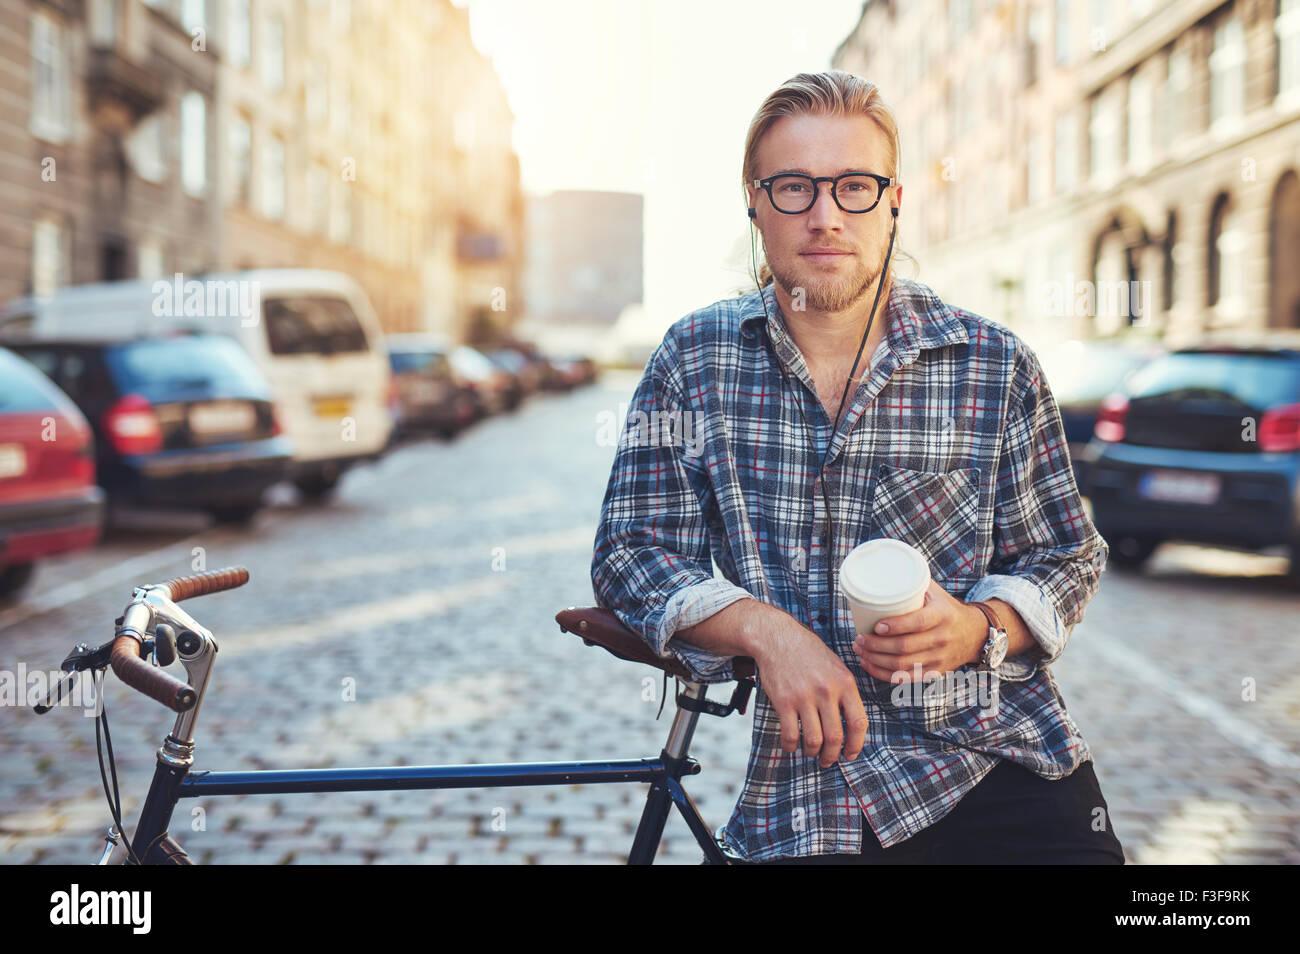 Cool hombre mirando a la cámara. La vida de ciudad, disfrutando de la vida en la ciudad Imagen De Stock